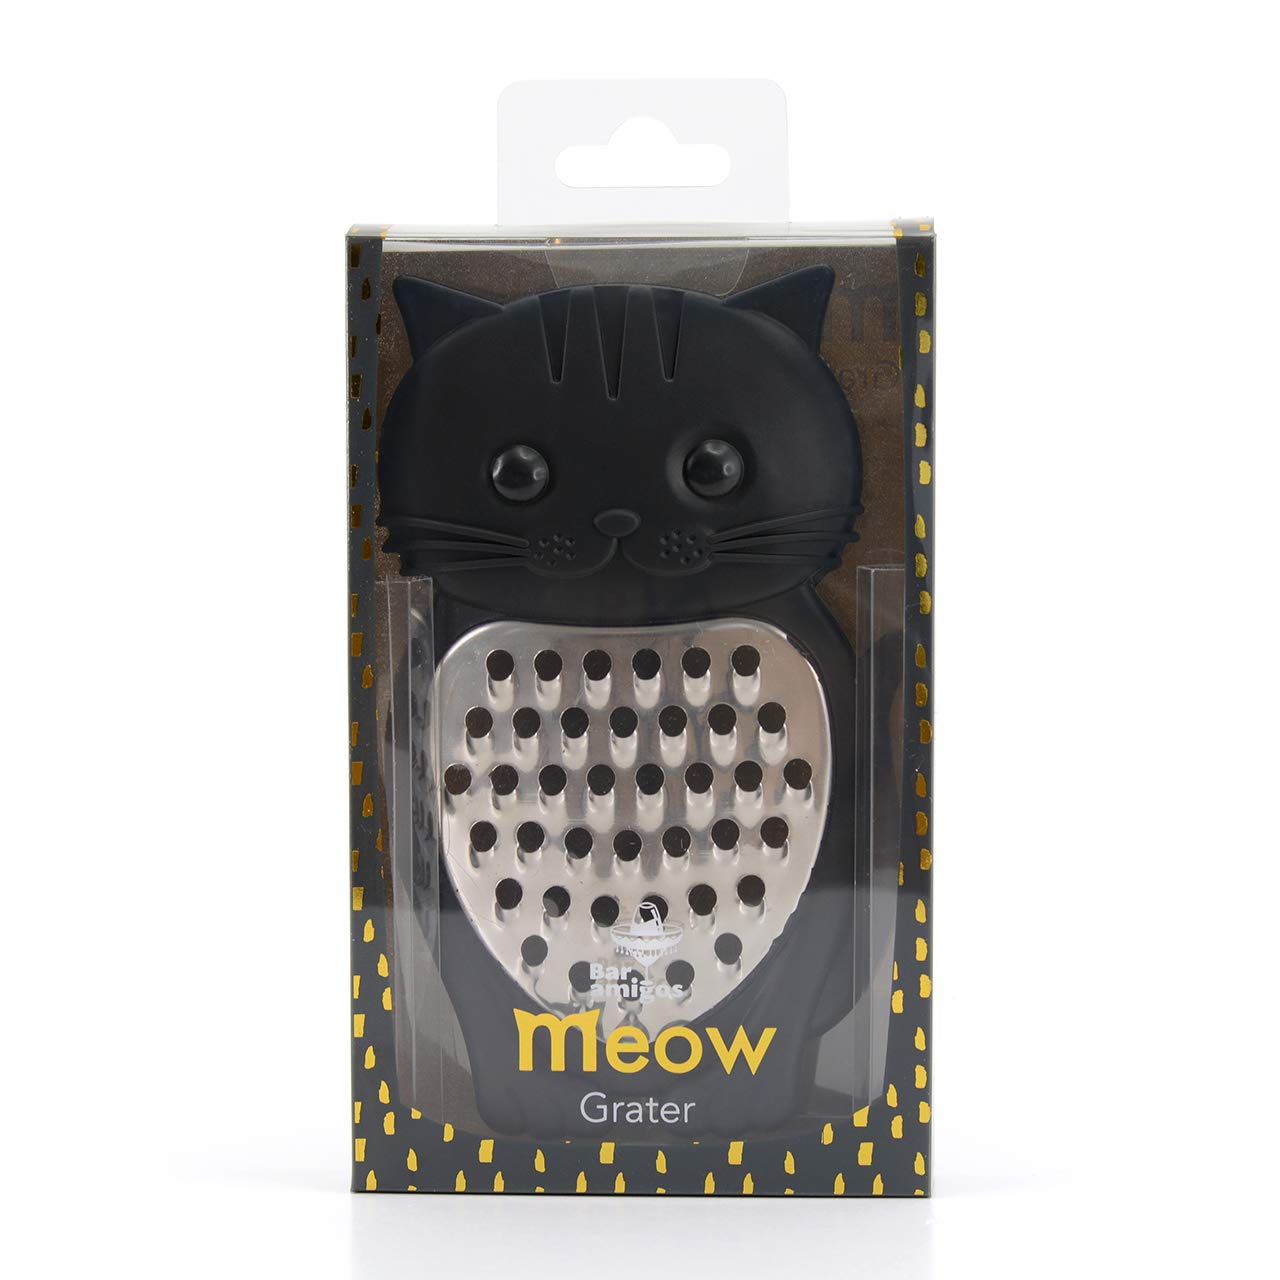 Meow novedad con dise/ño de gato herramienta de cocina de silicona acero inoxidable verduras frutas queso rallador afilado Bar Amigos Cat Rallador de queso por Bar Amigos